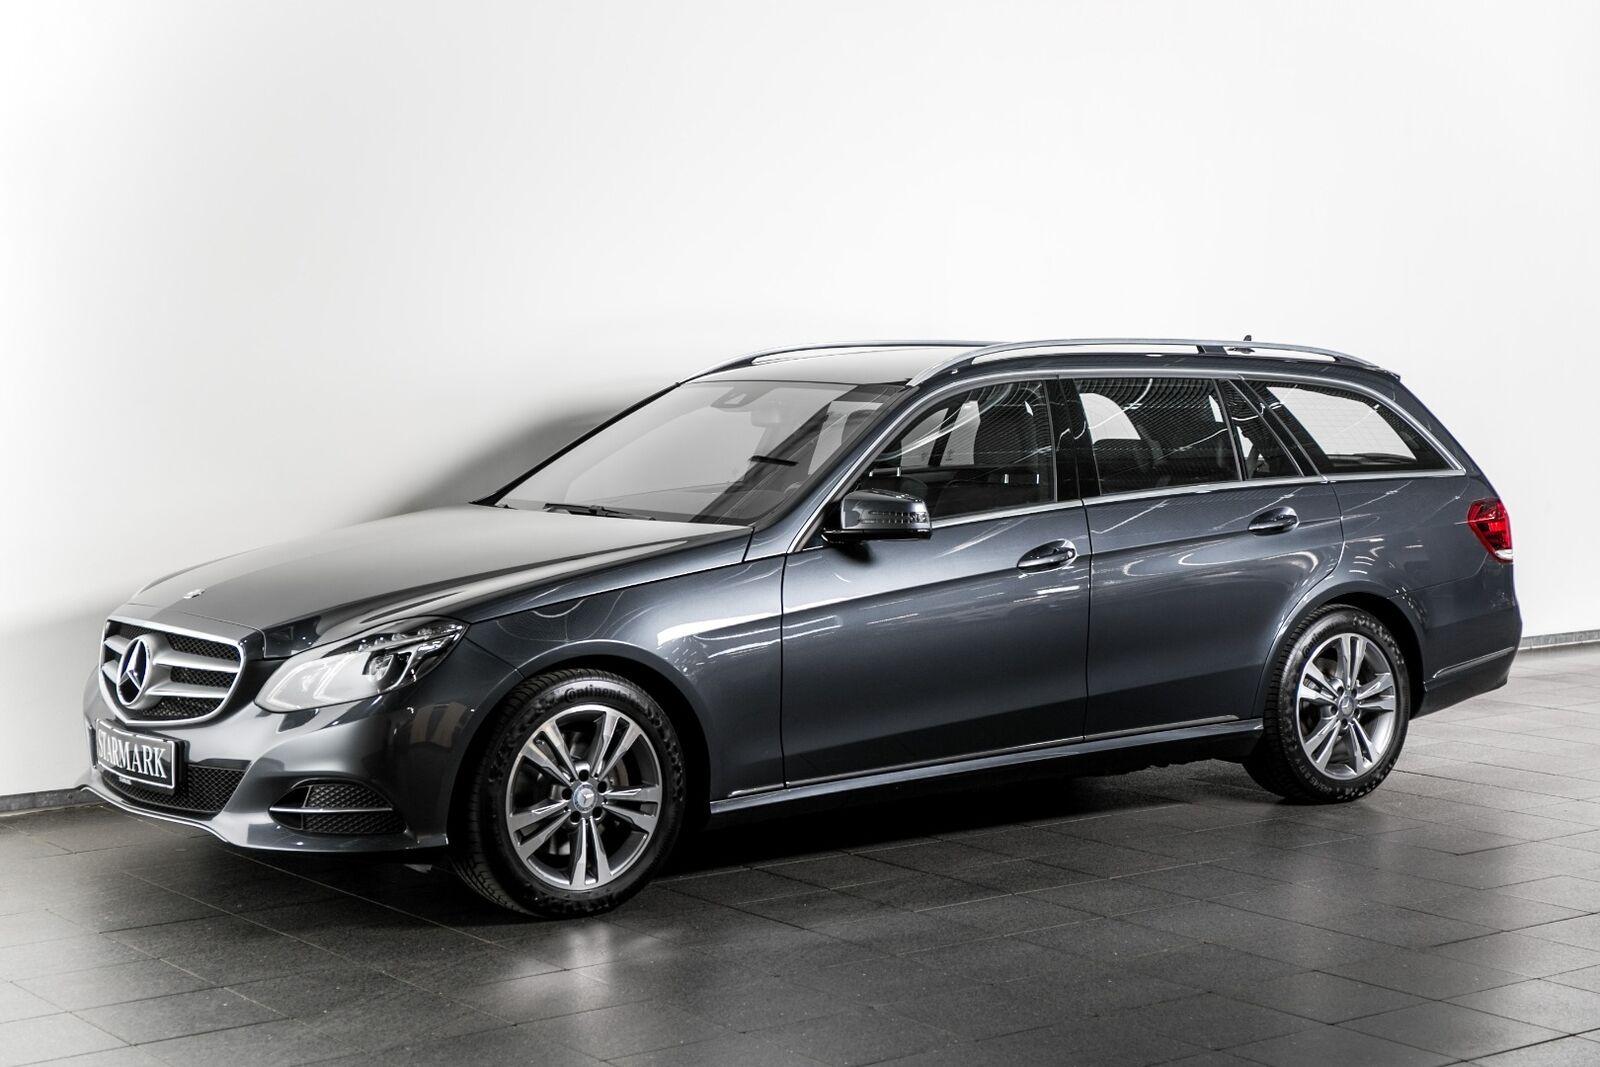 Mercedes E350 3,0 BlueTEC Avantgarde stc. aut. 5d - 434.900 kr.